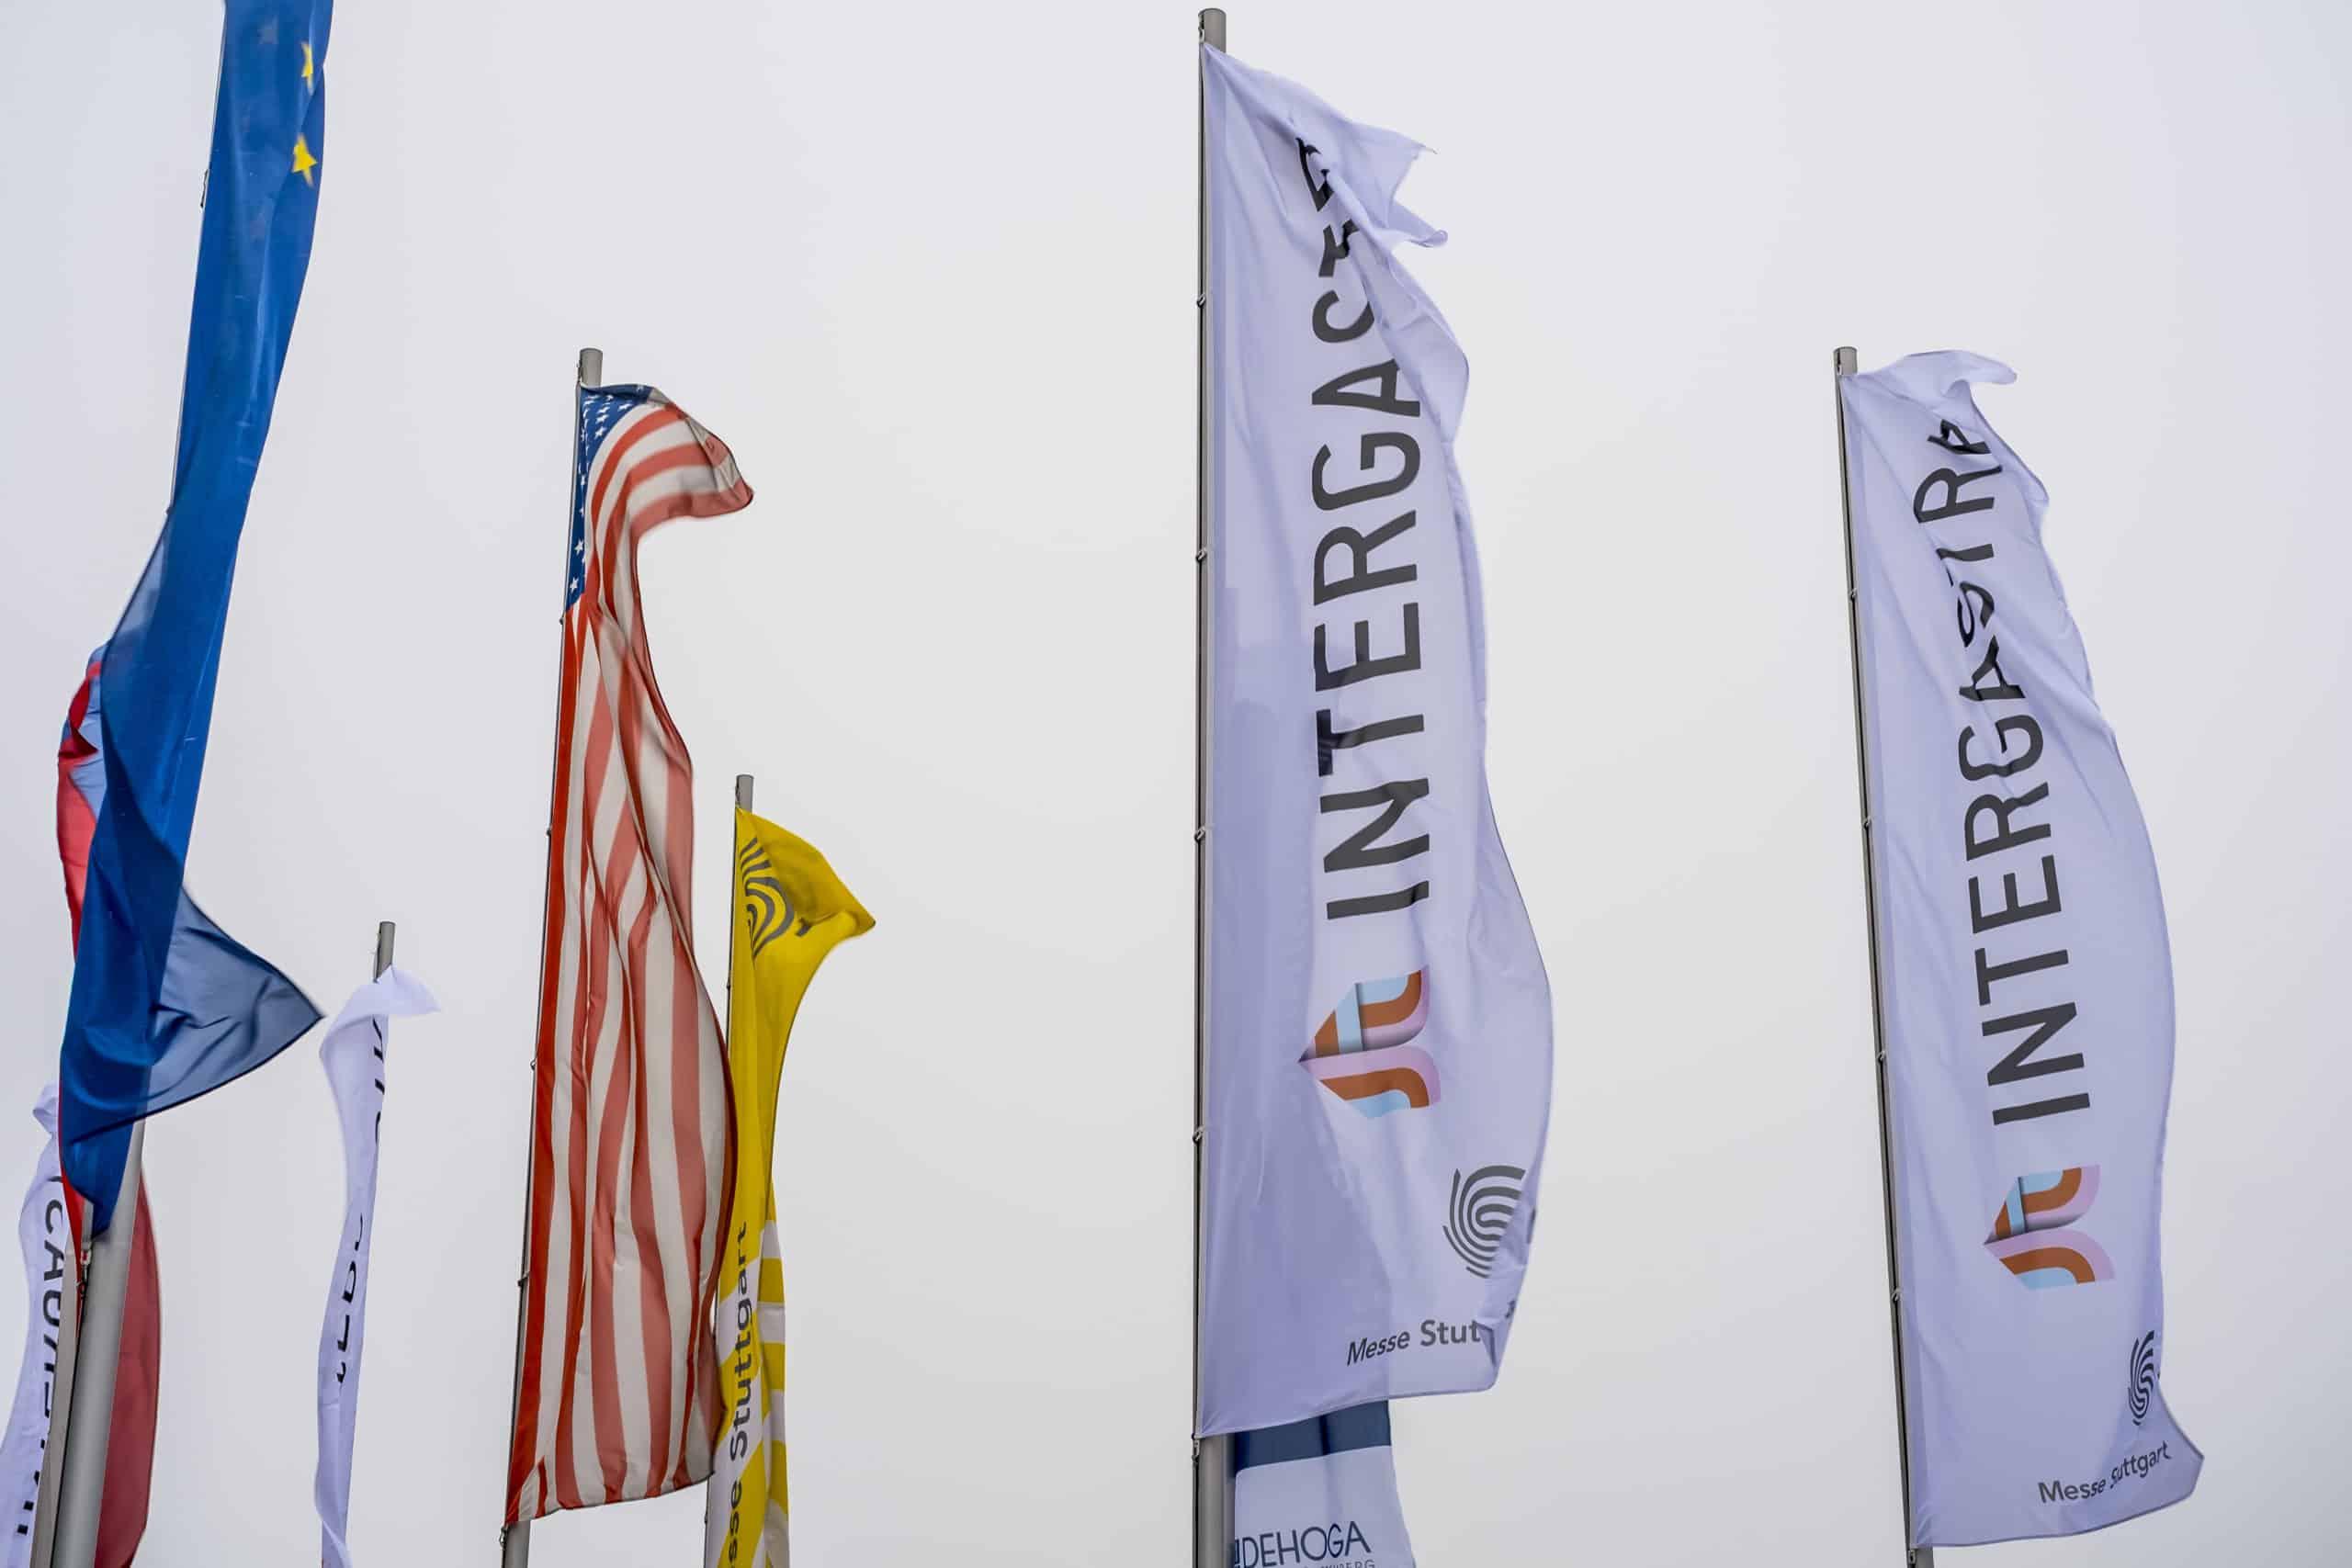 Hotelverband Deutschland neuer Exklusivpartner der Intergastra